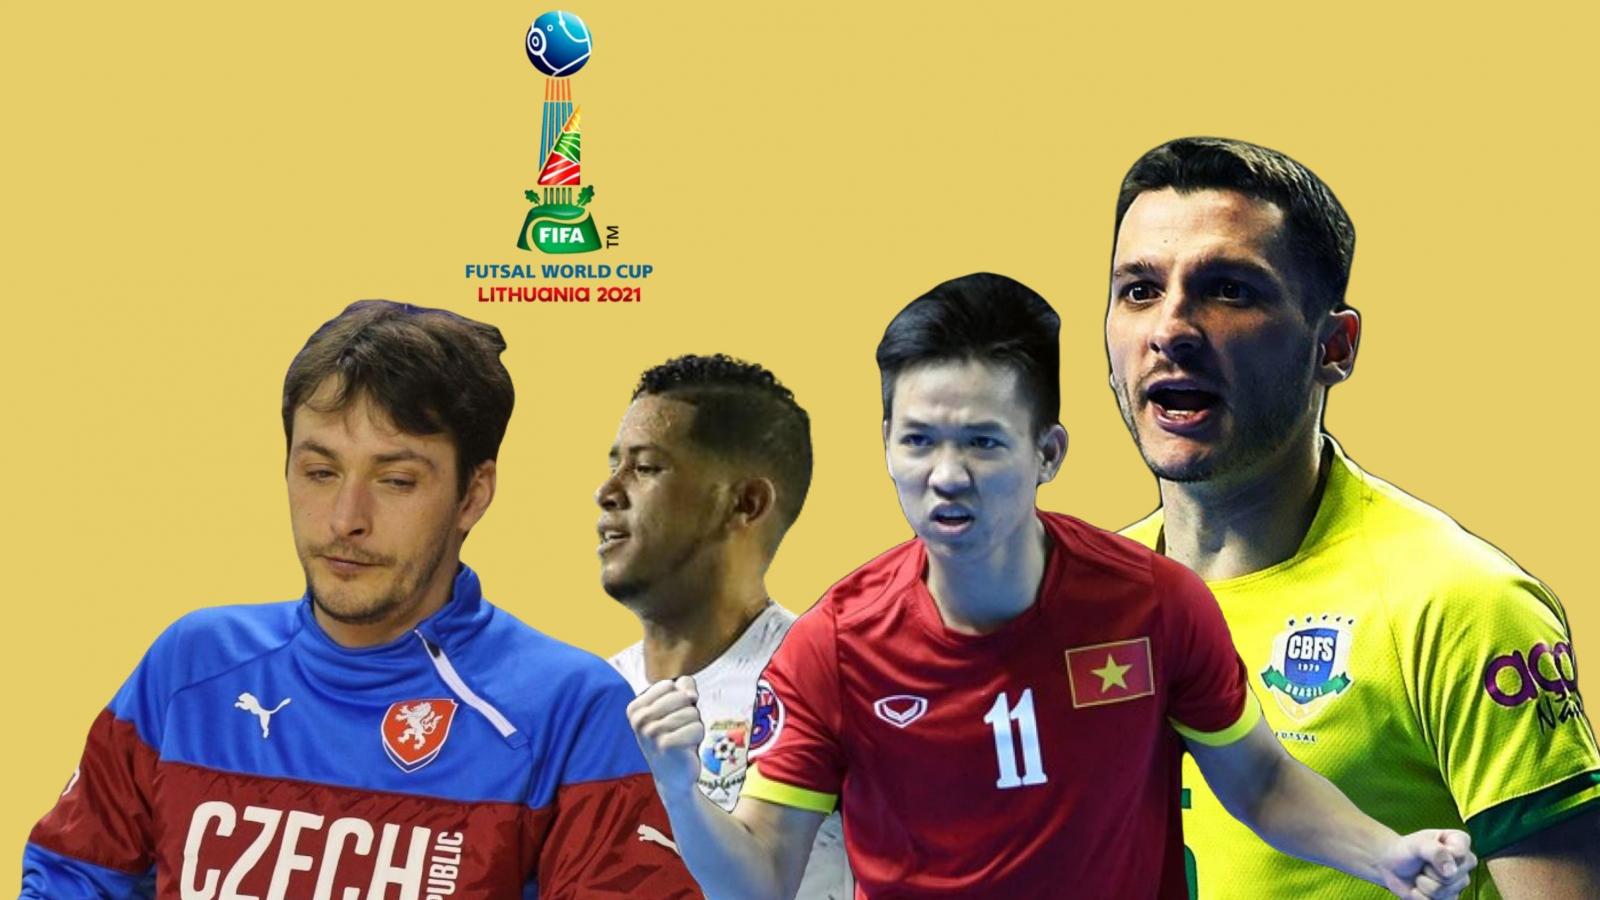 ĐT Futsal Việt Nam - ĐT Futsal Brazil: Trận đấu trong mơ